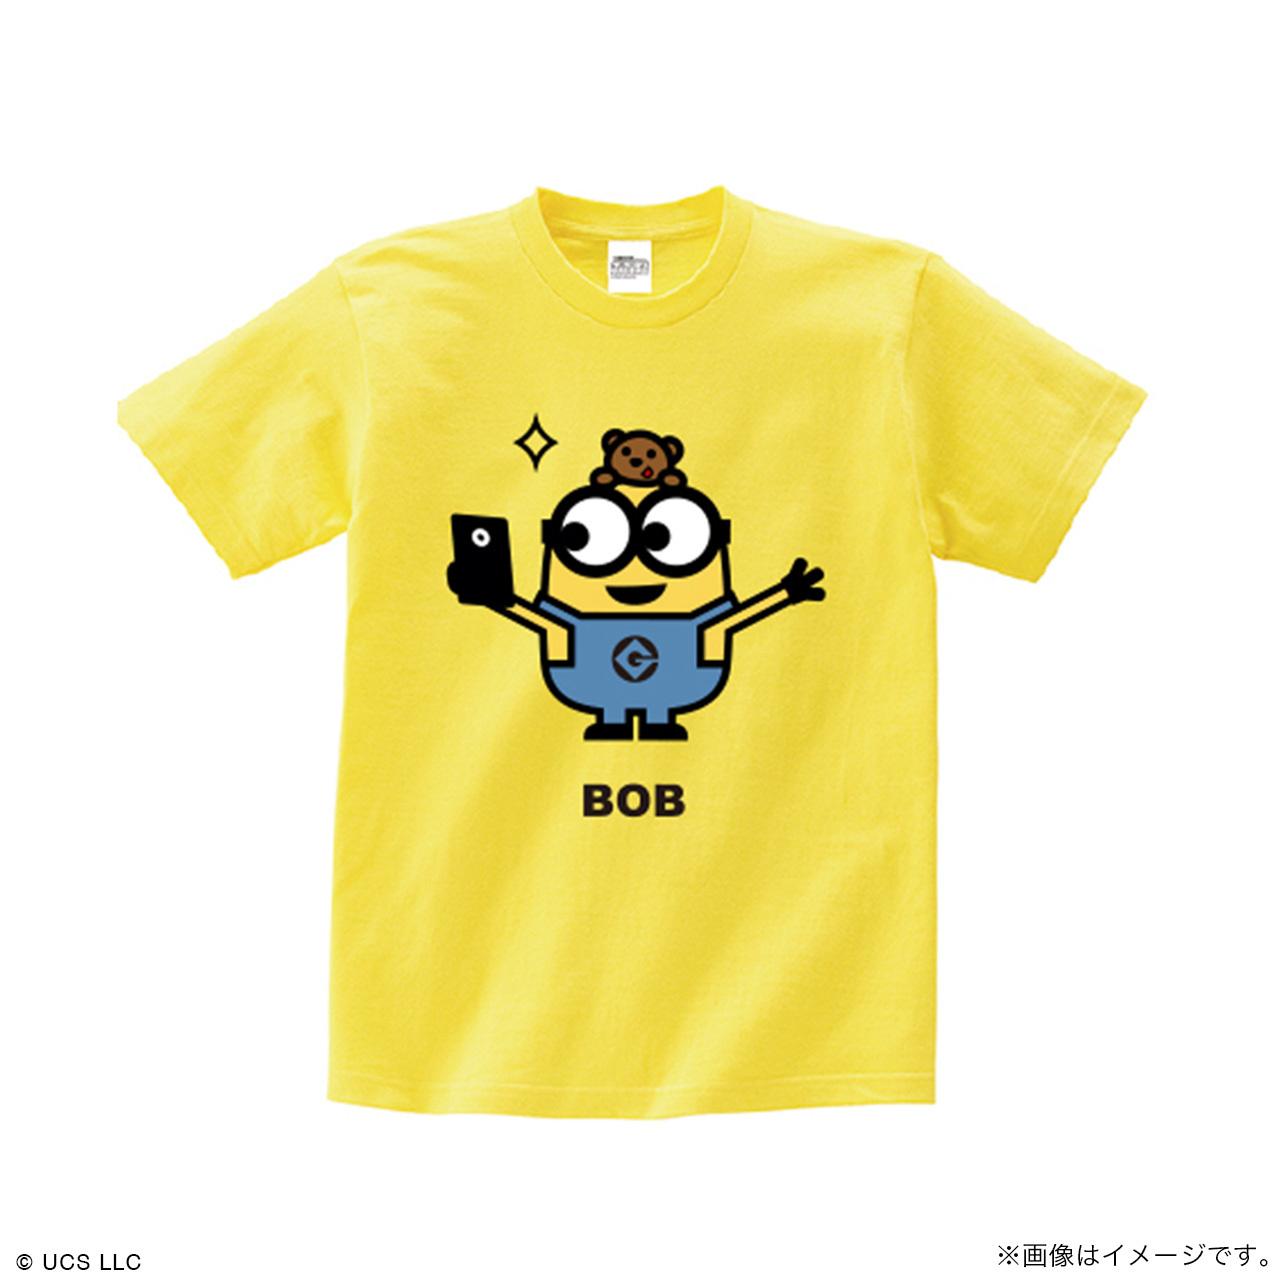 キッズTシャツ/ミニオン(ボブ イエロー)【MINIONS POP UP STORE 限定】